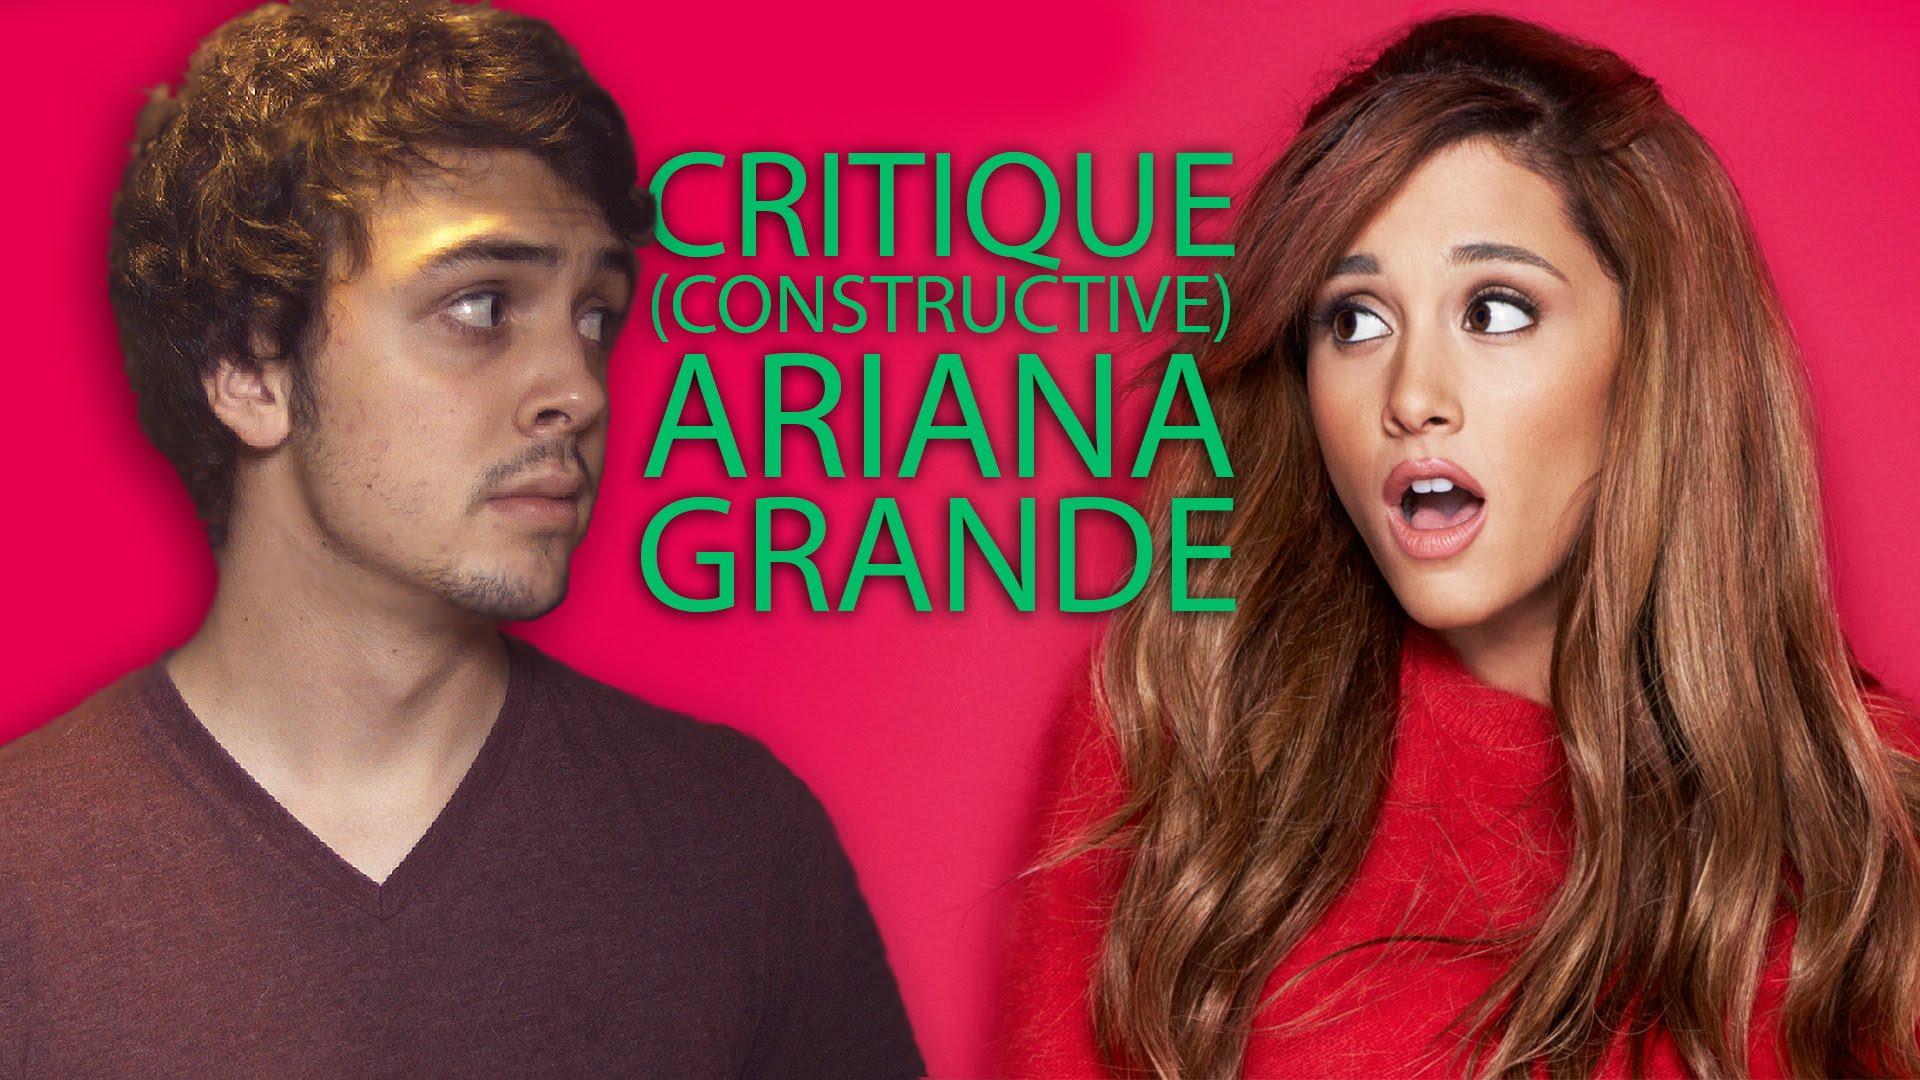 Critique constructive – Ariana Grande – INTHEFAME